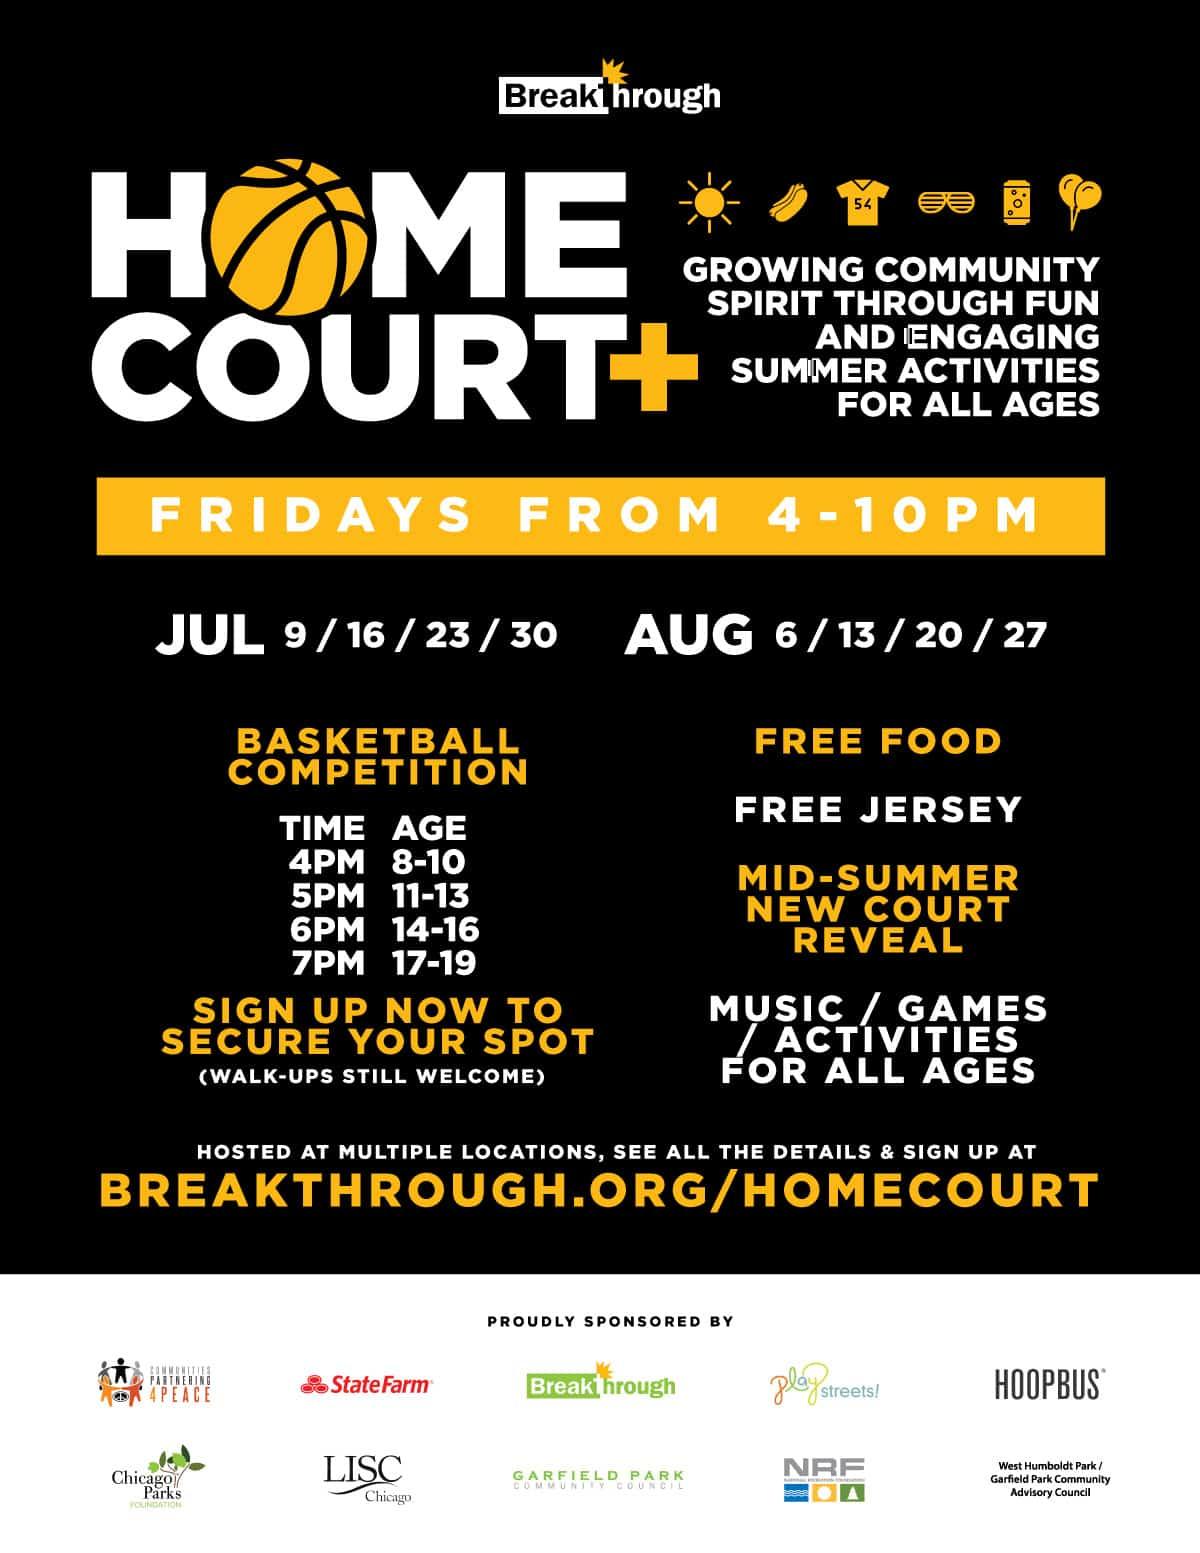 Breakthrough Homecourt 2021 basketball fun games family fun